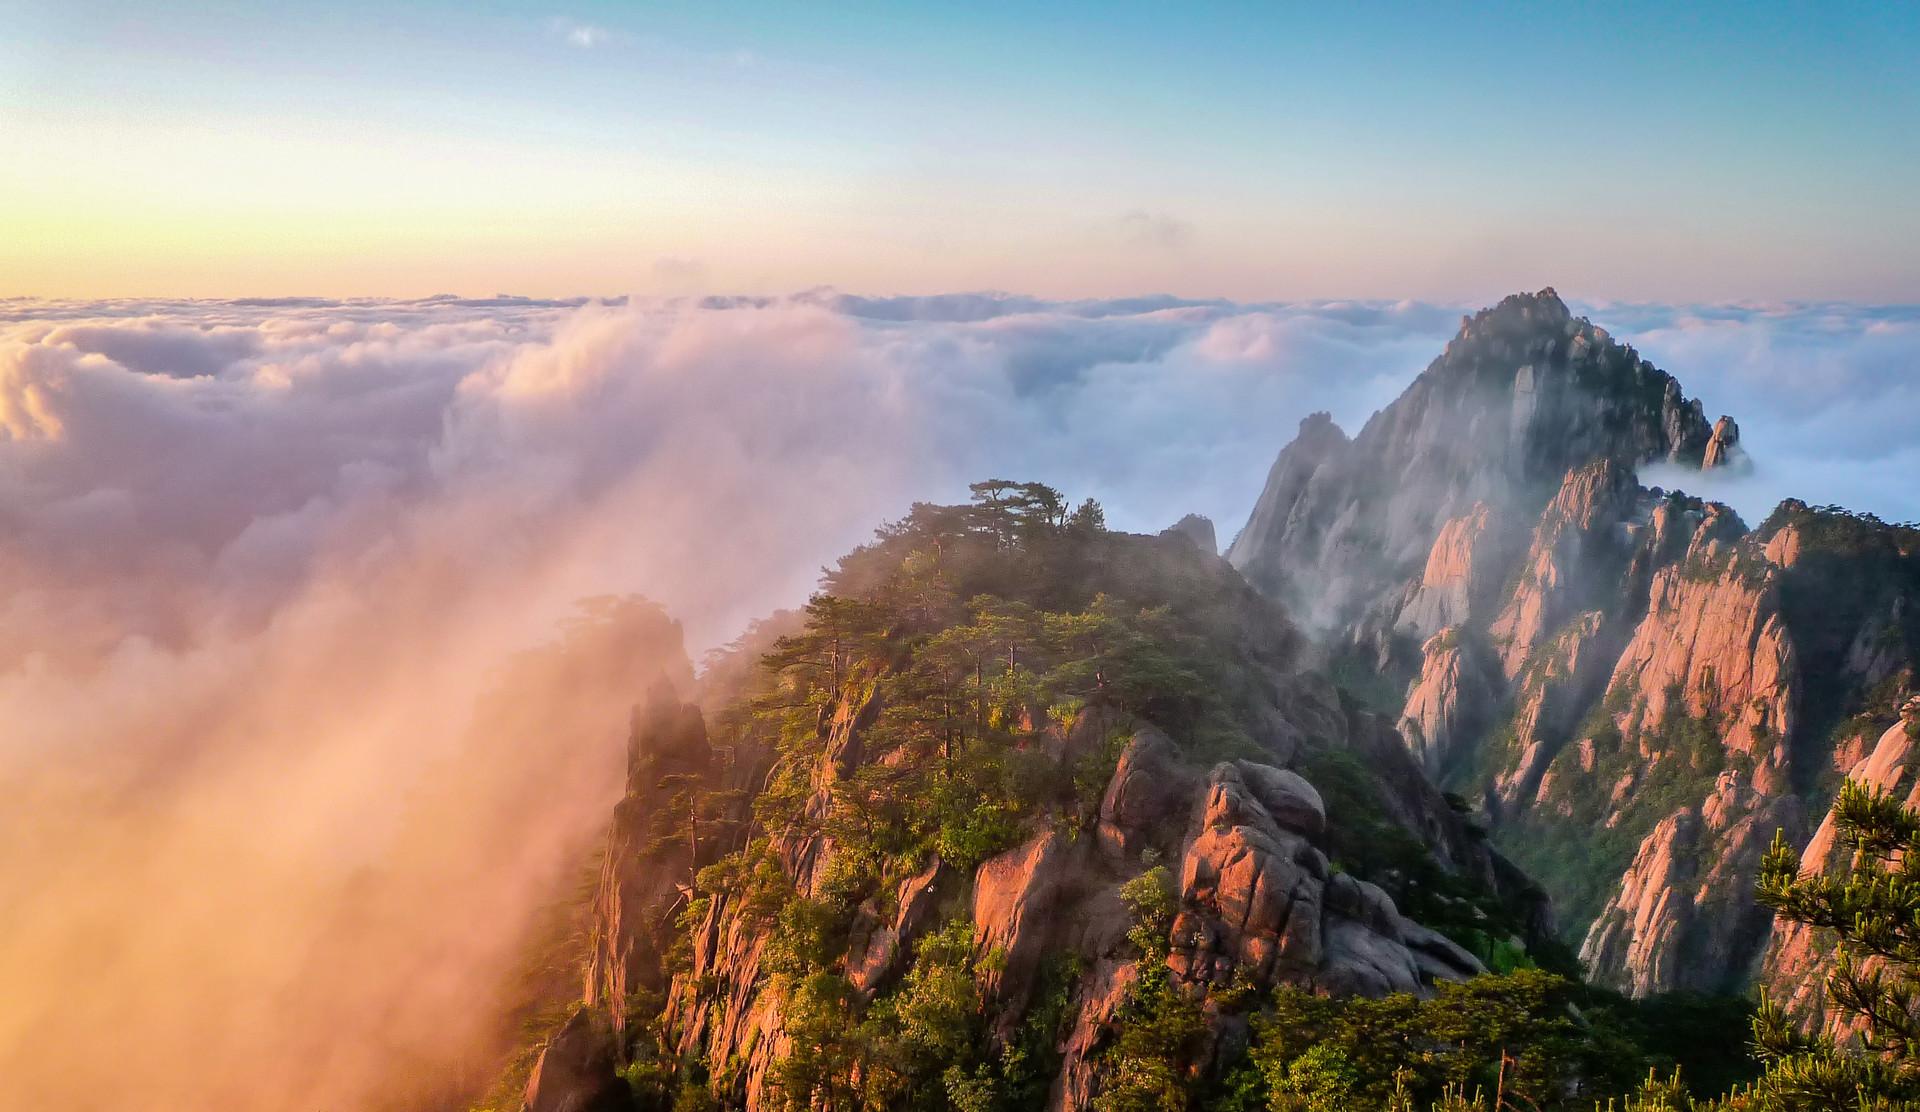 孙雪东:塑造以人为本的高品质国土空间